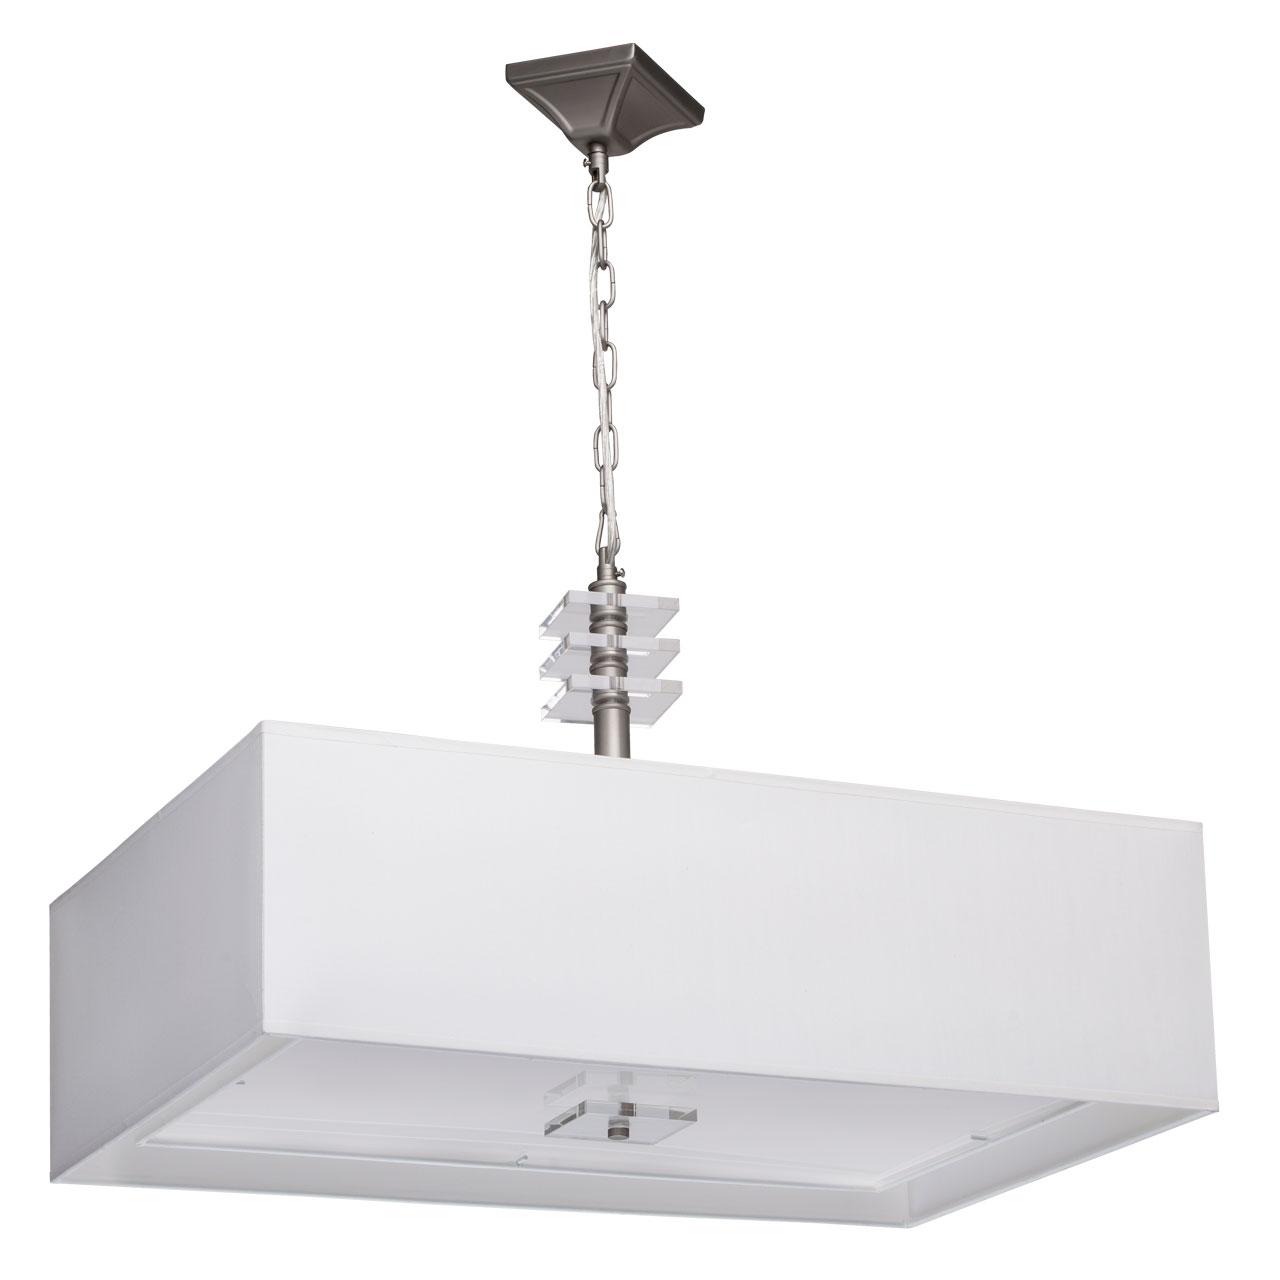 все цены на Подвесной светильник MW-Light Прато 4 101011808 онлайн